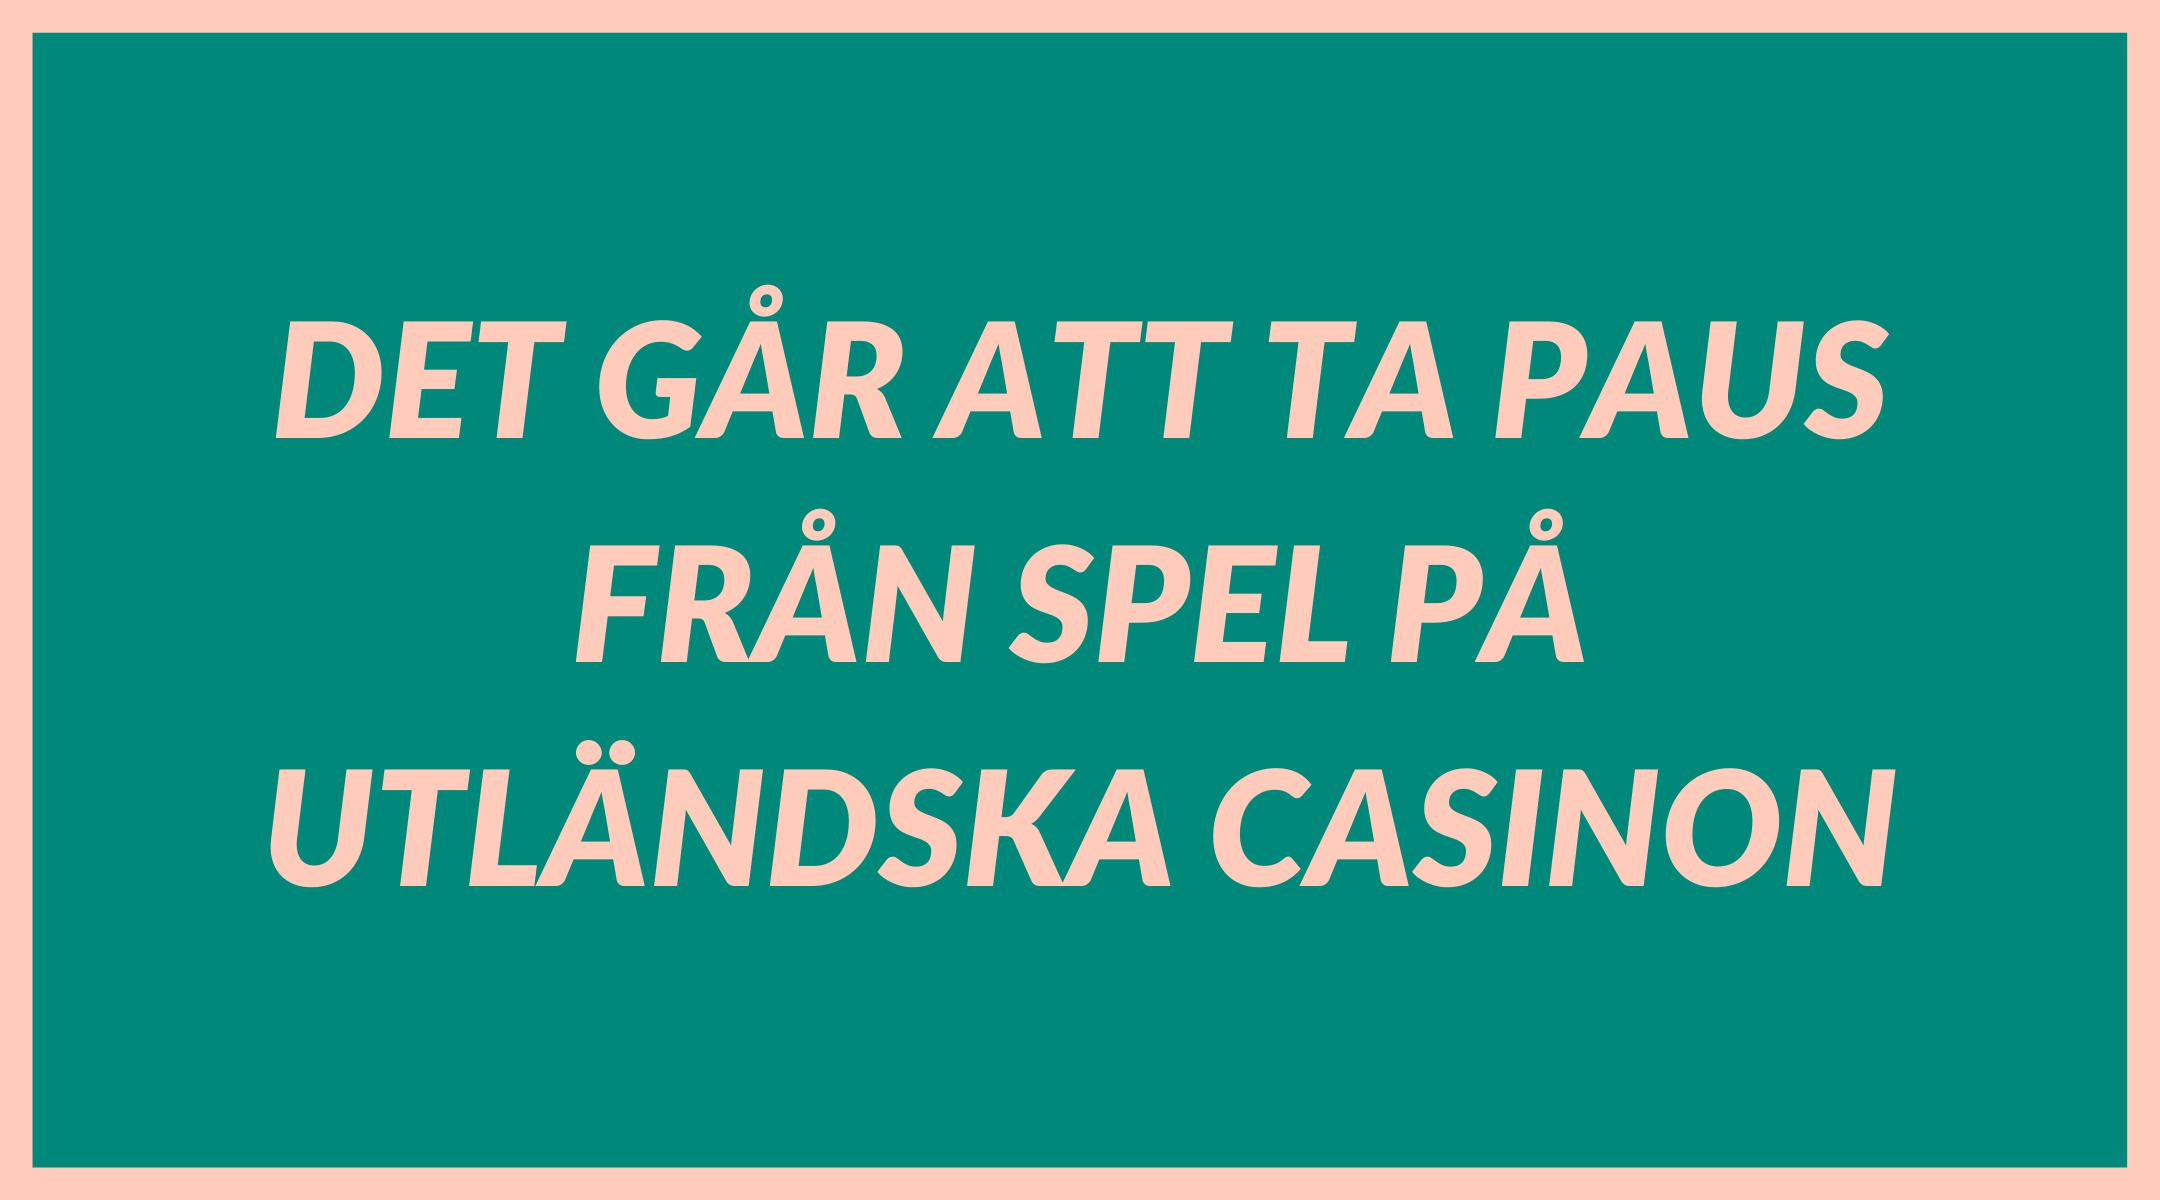 Det går att ta paus från spel på utländska casinon